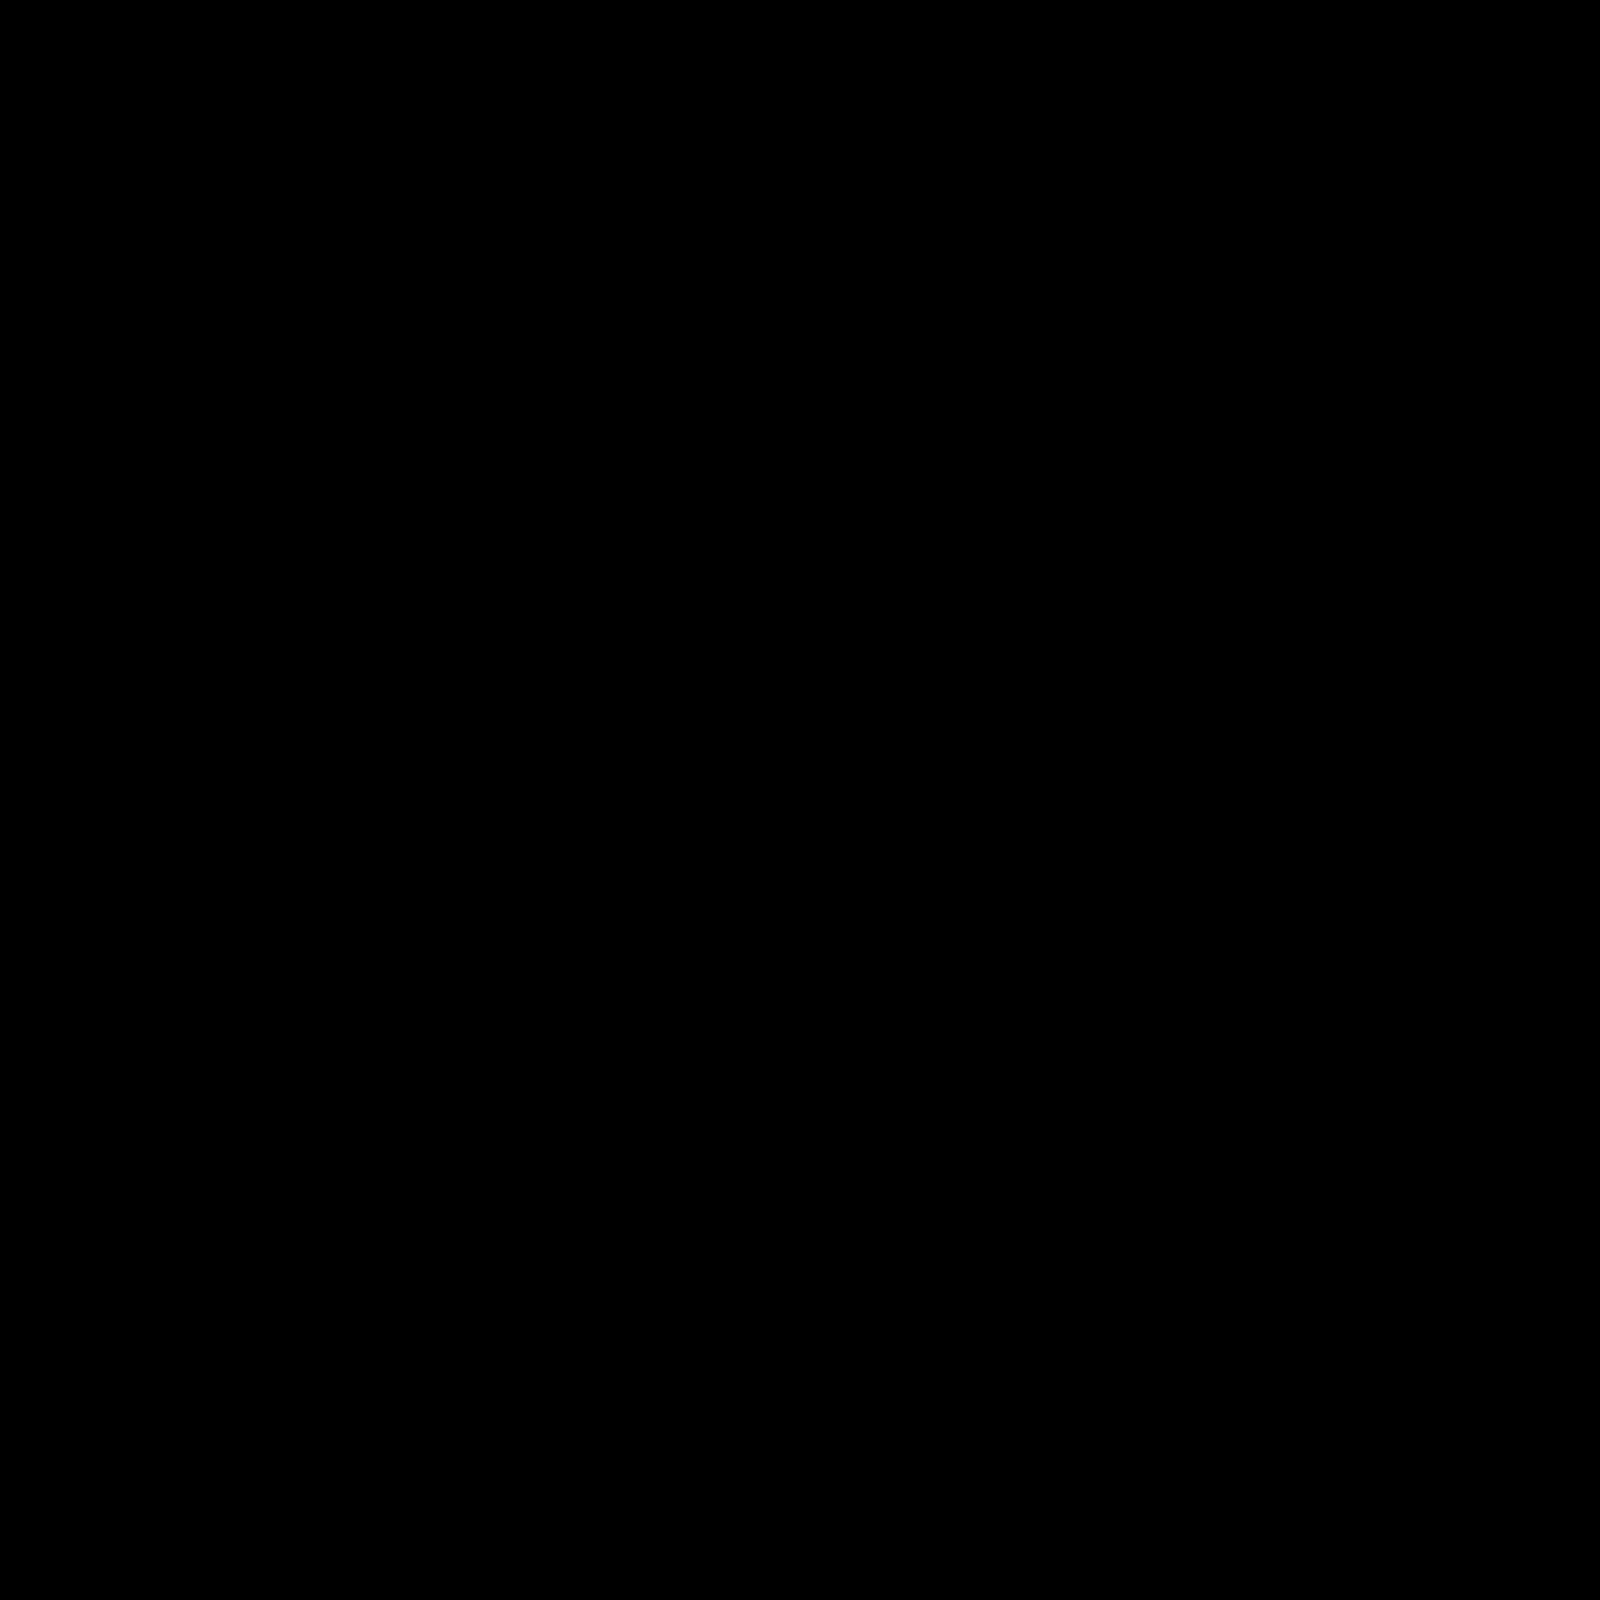 ボックス編集 icon